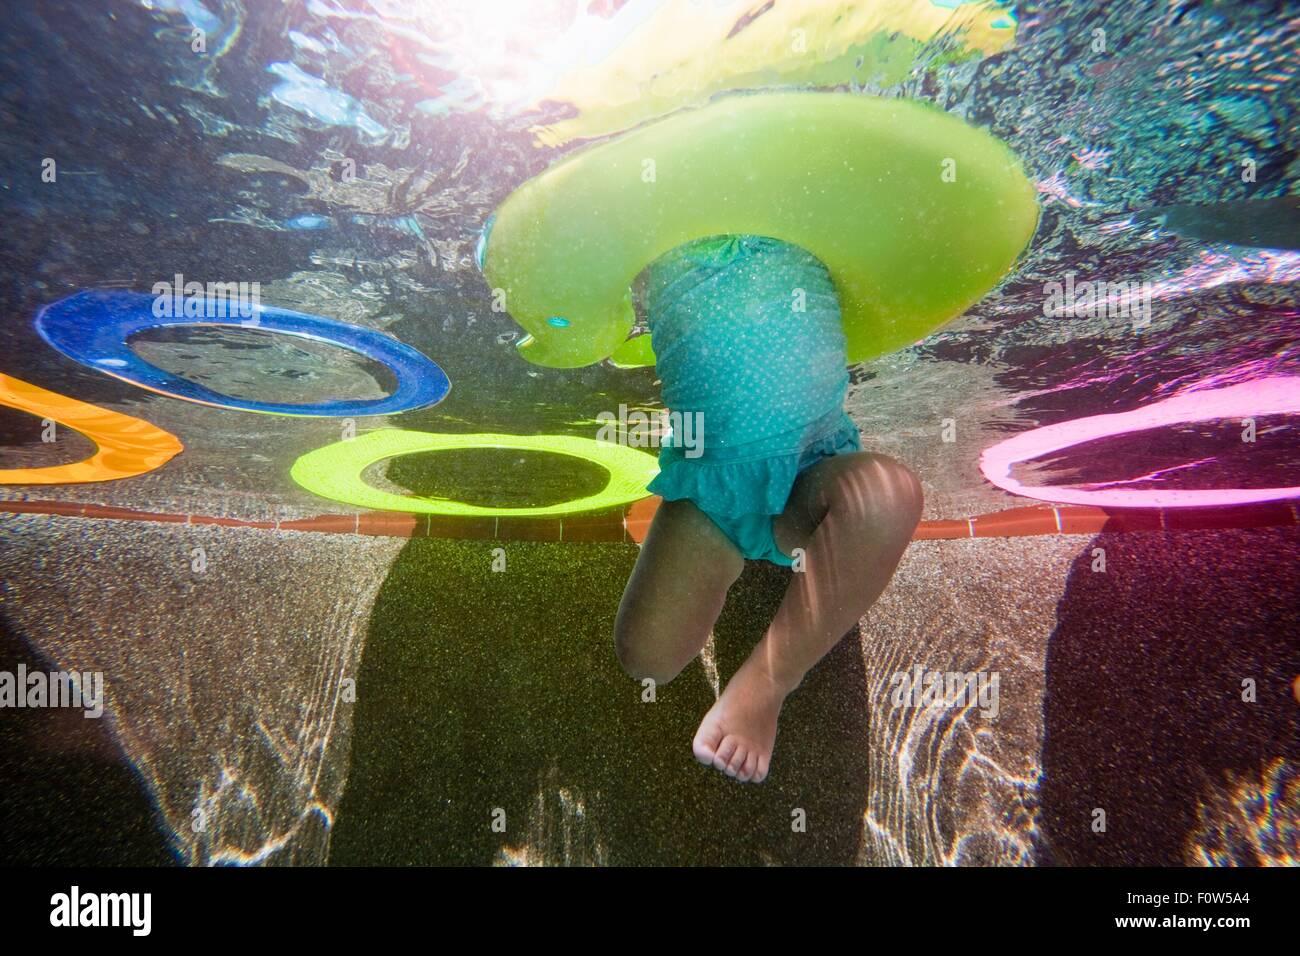 Underwater girl battre des jambes dans la piscine apprendre à nager avec bague en caoutchouc Photo Stock